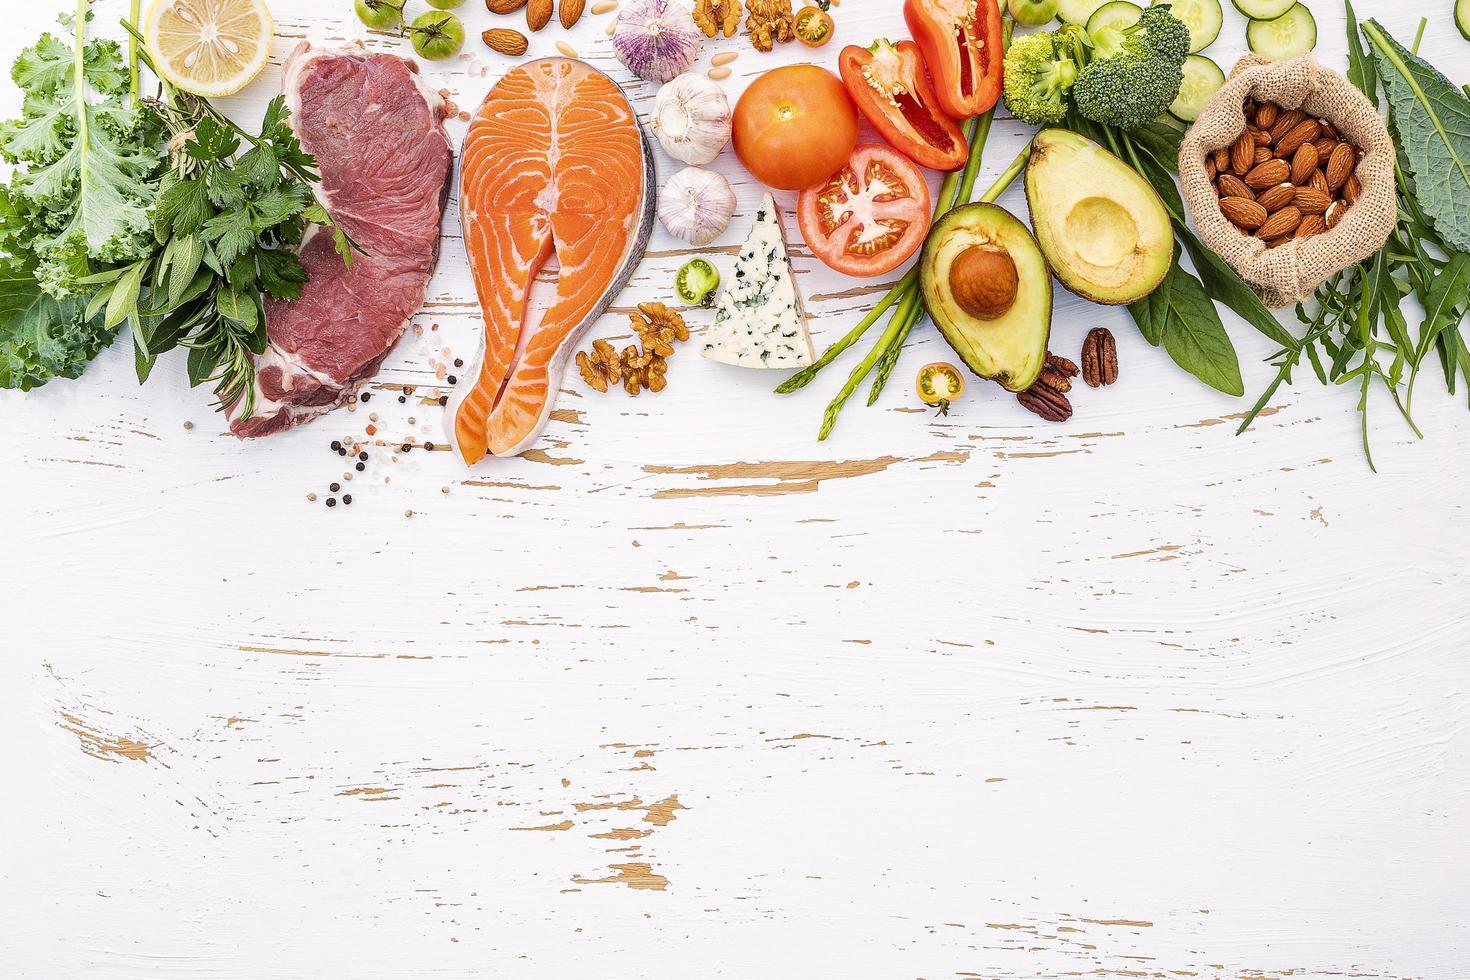 ingredientes orgânicos em um fundo branco surrado foto